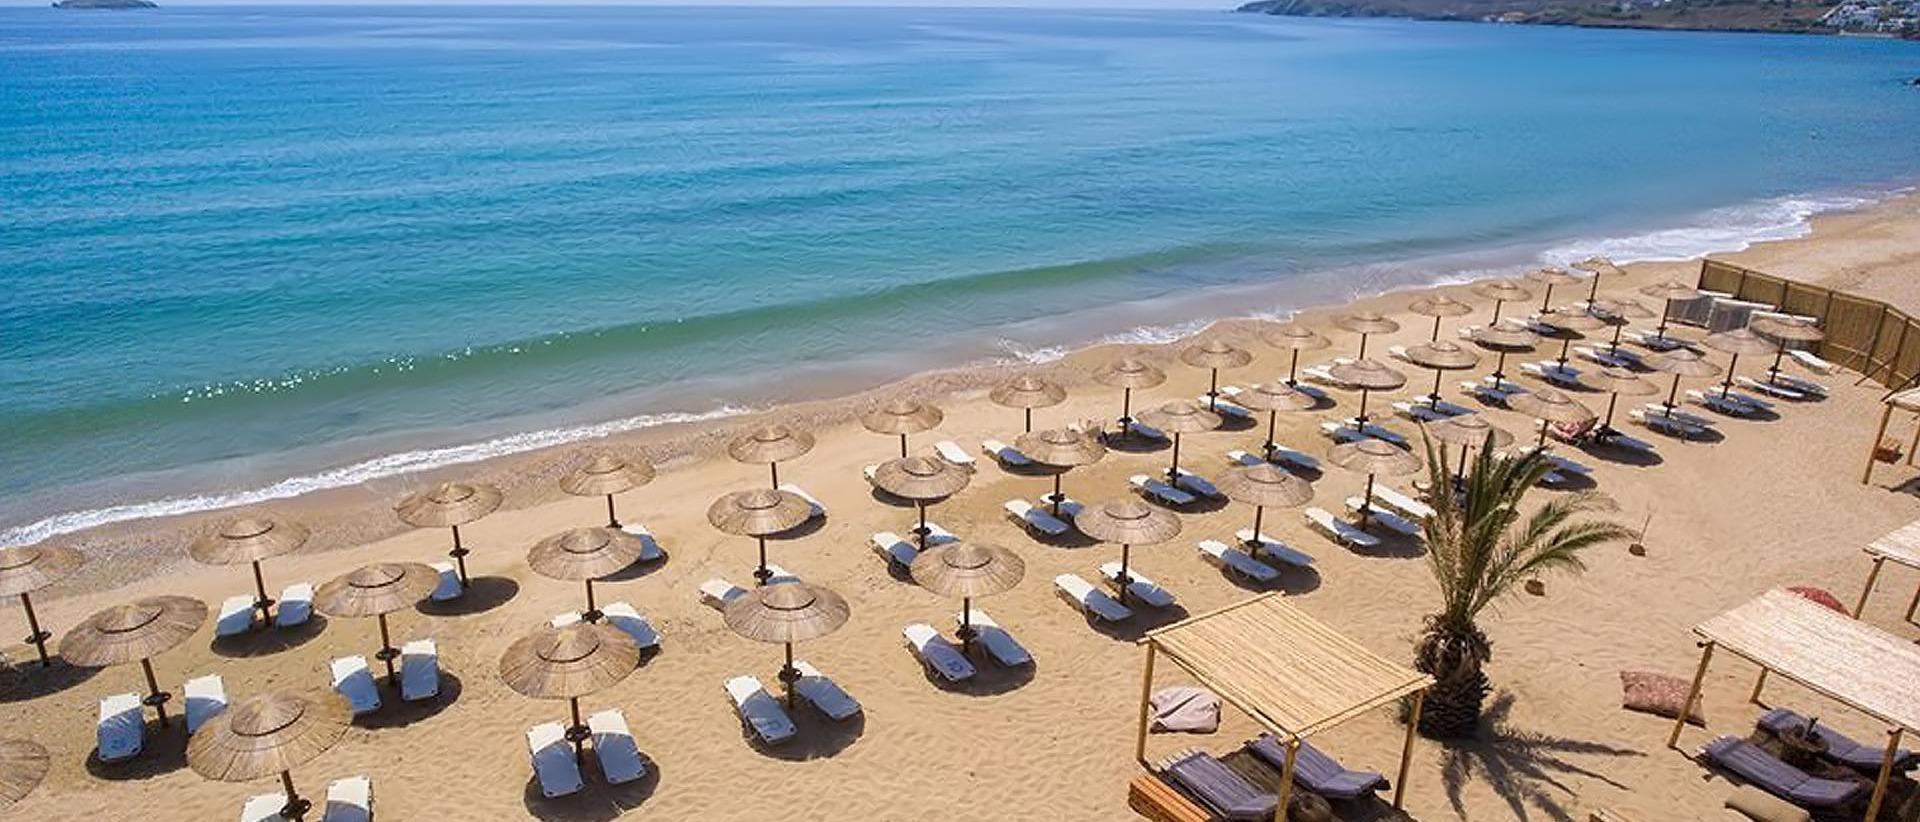 Το Kaliva Beach Bar υπόσχεται μοναδικές δροσιστικές στιγμές πάνω στη θάλασσα